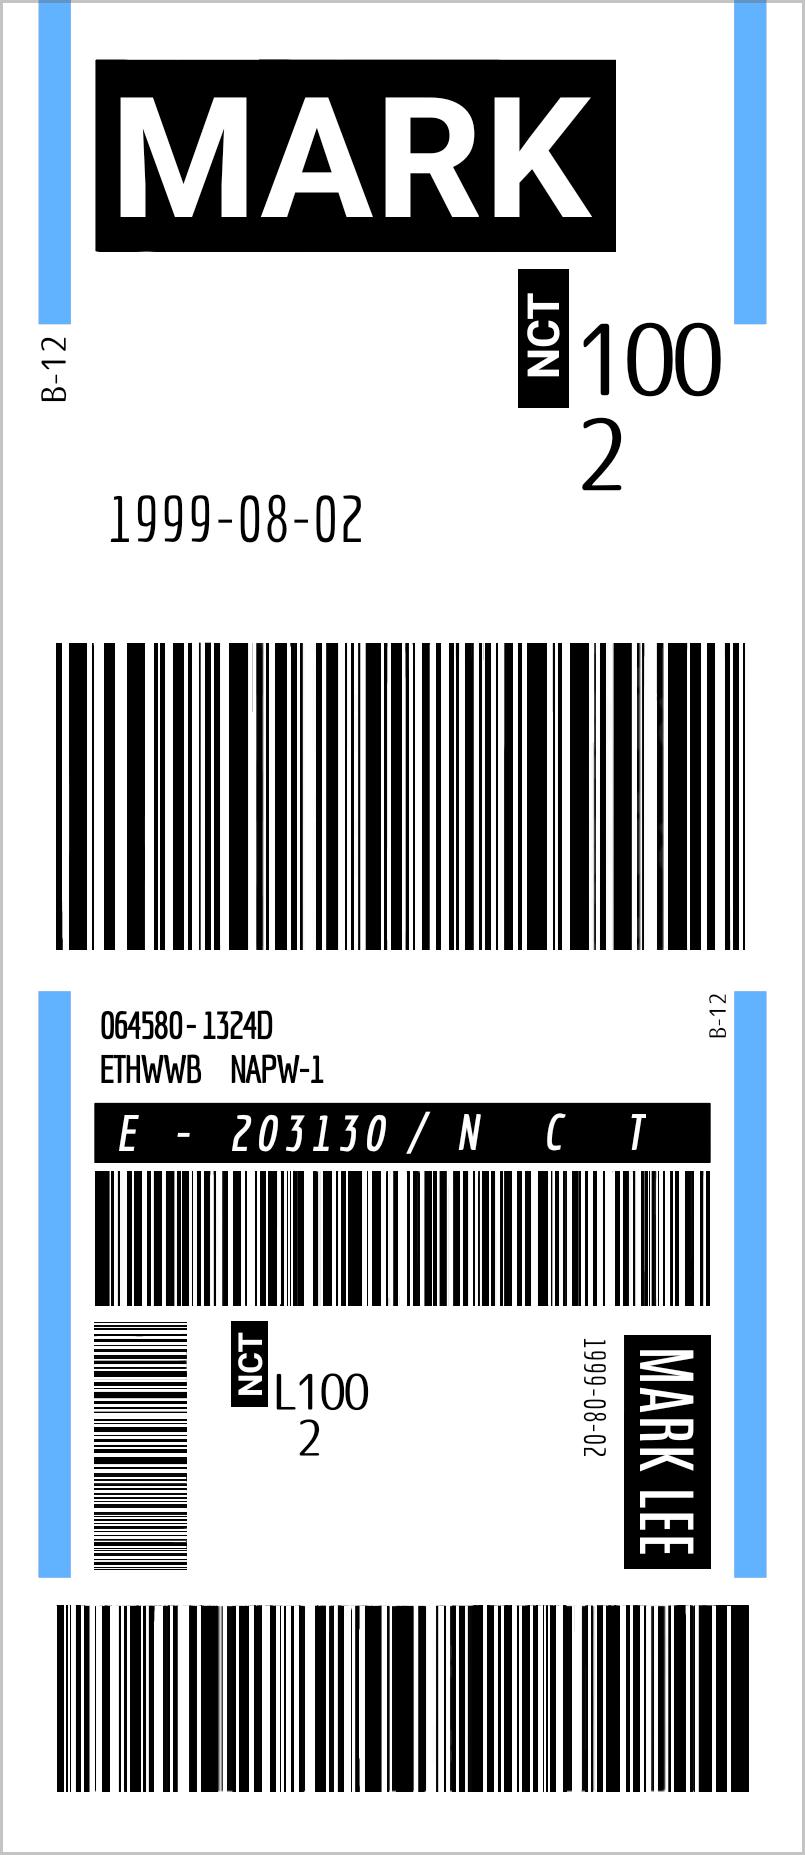 Nct Mark Ticket Nct Desain Tiket